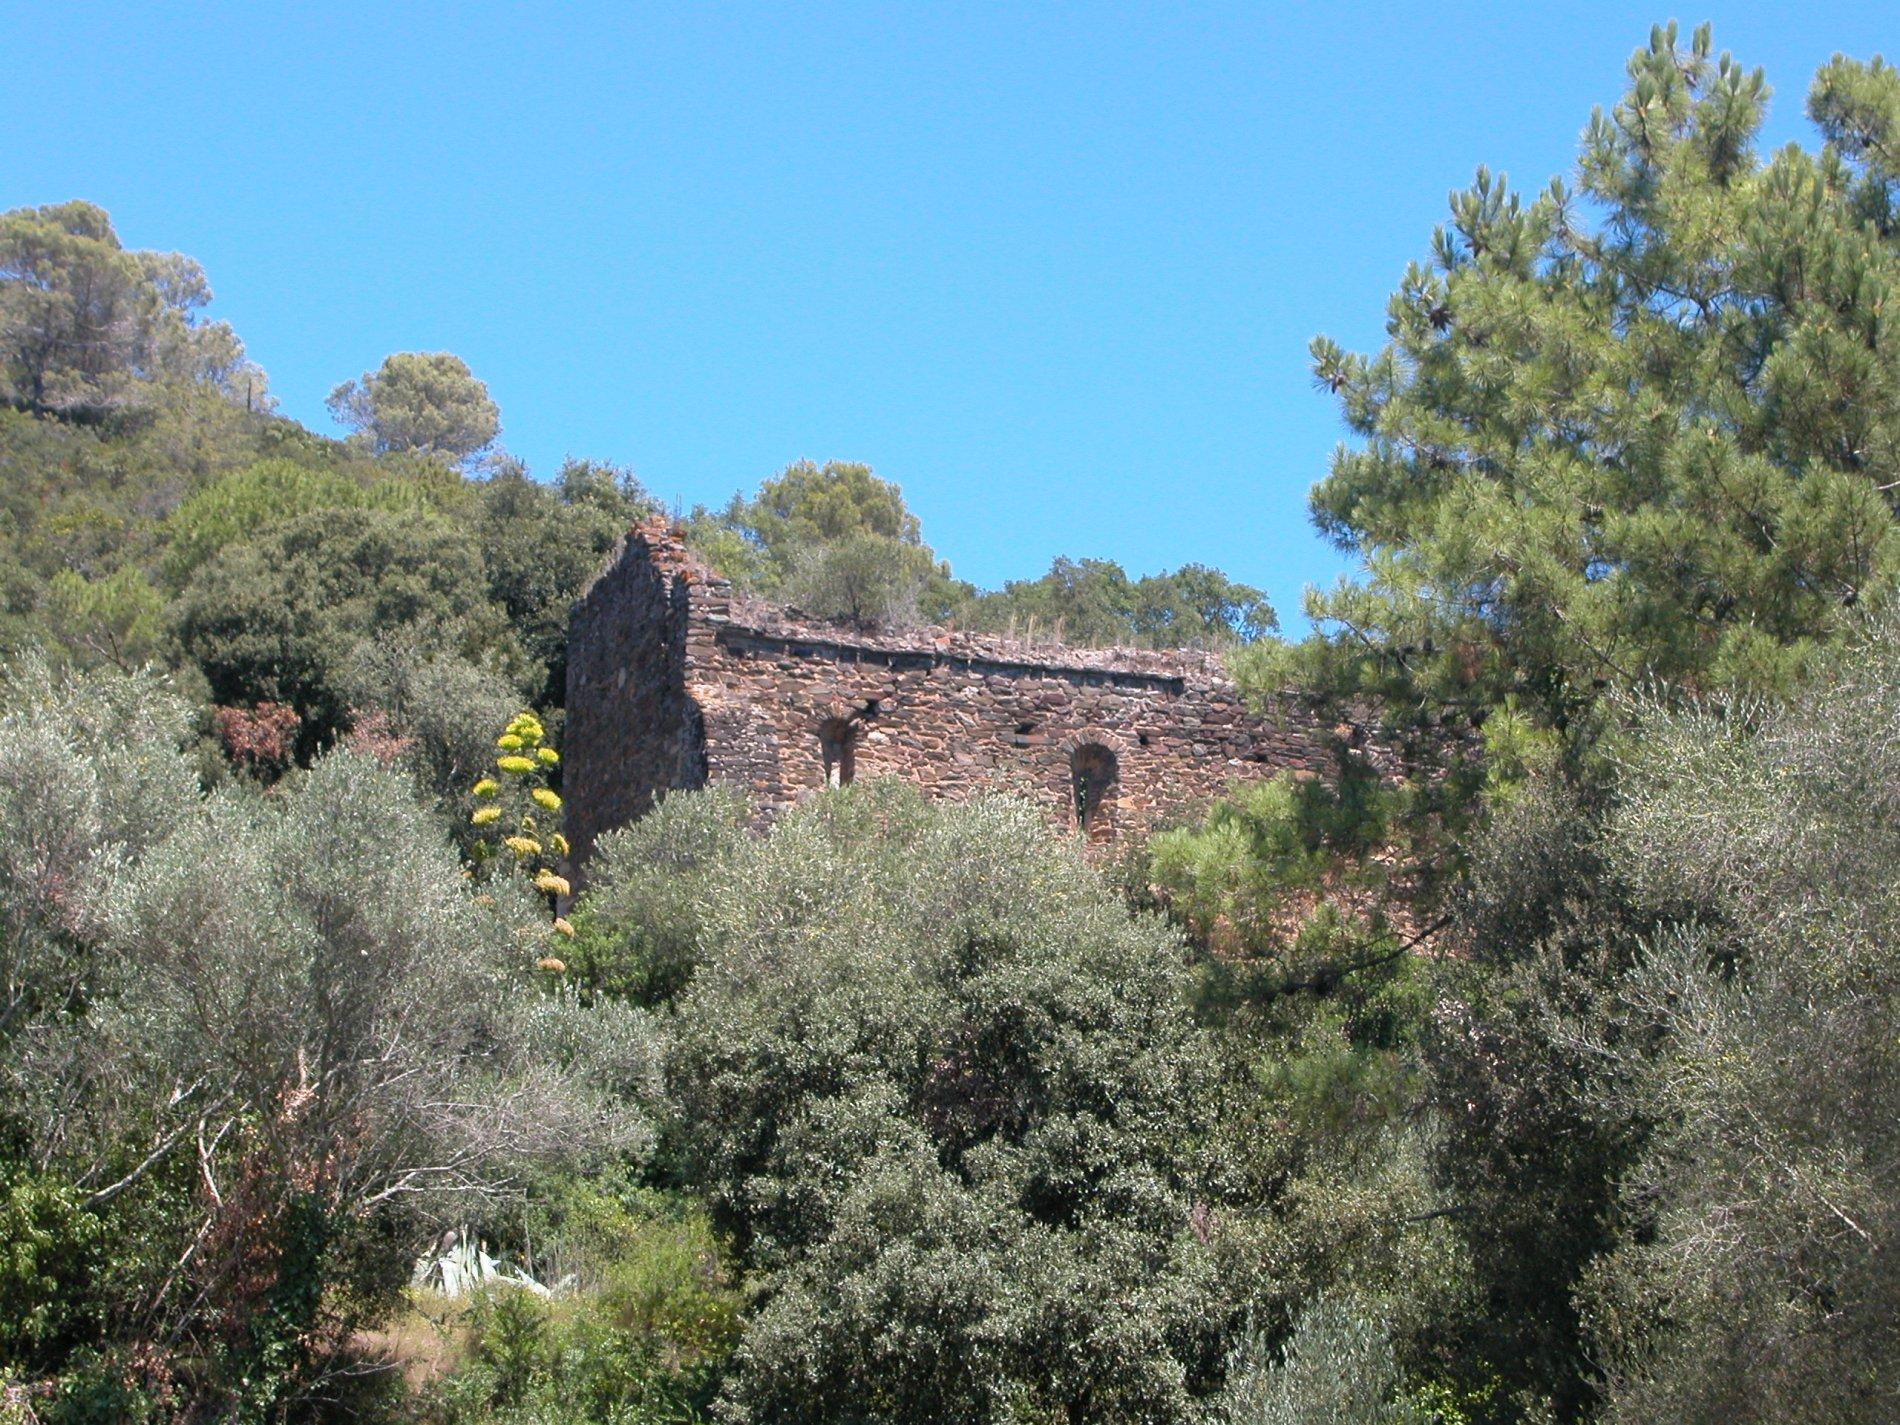 Sant Mateu vell de Vall-llobrega. Vall-llobrega